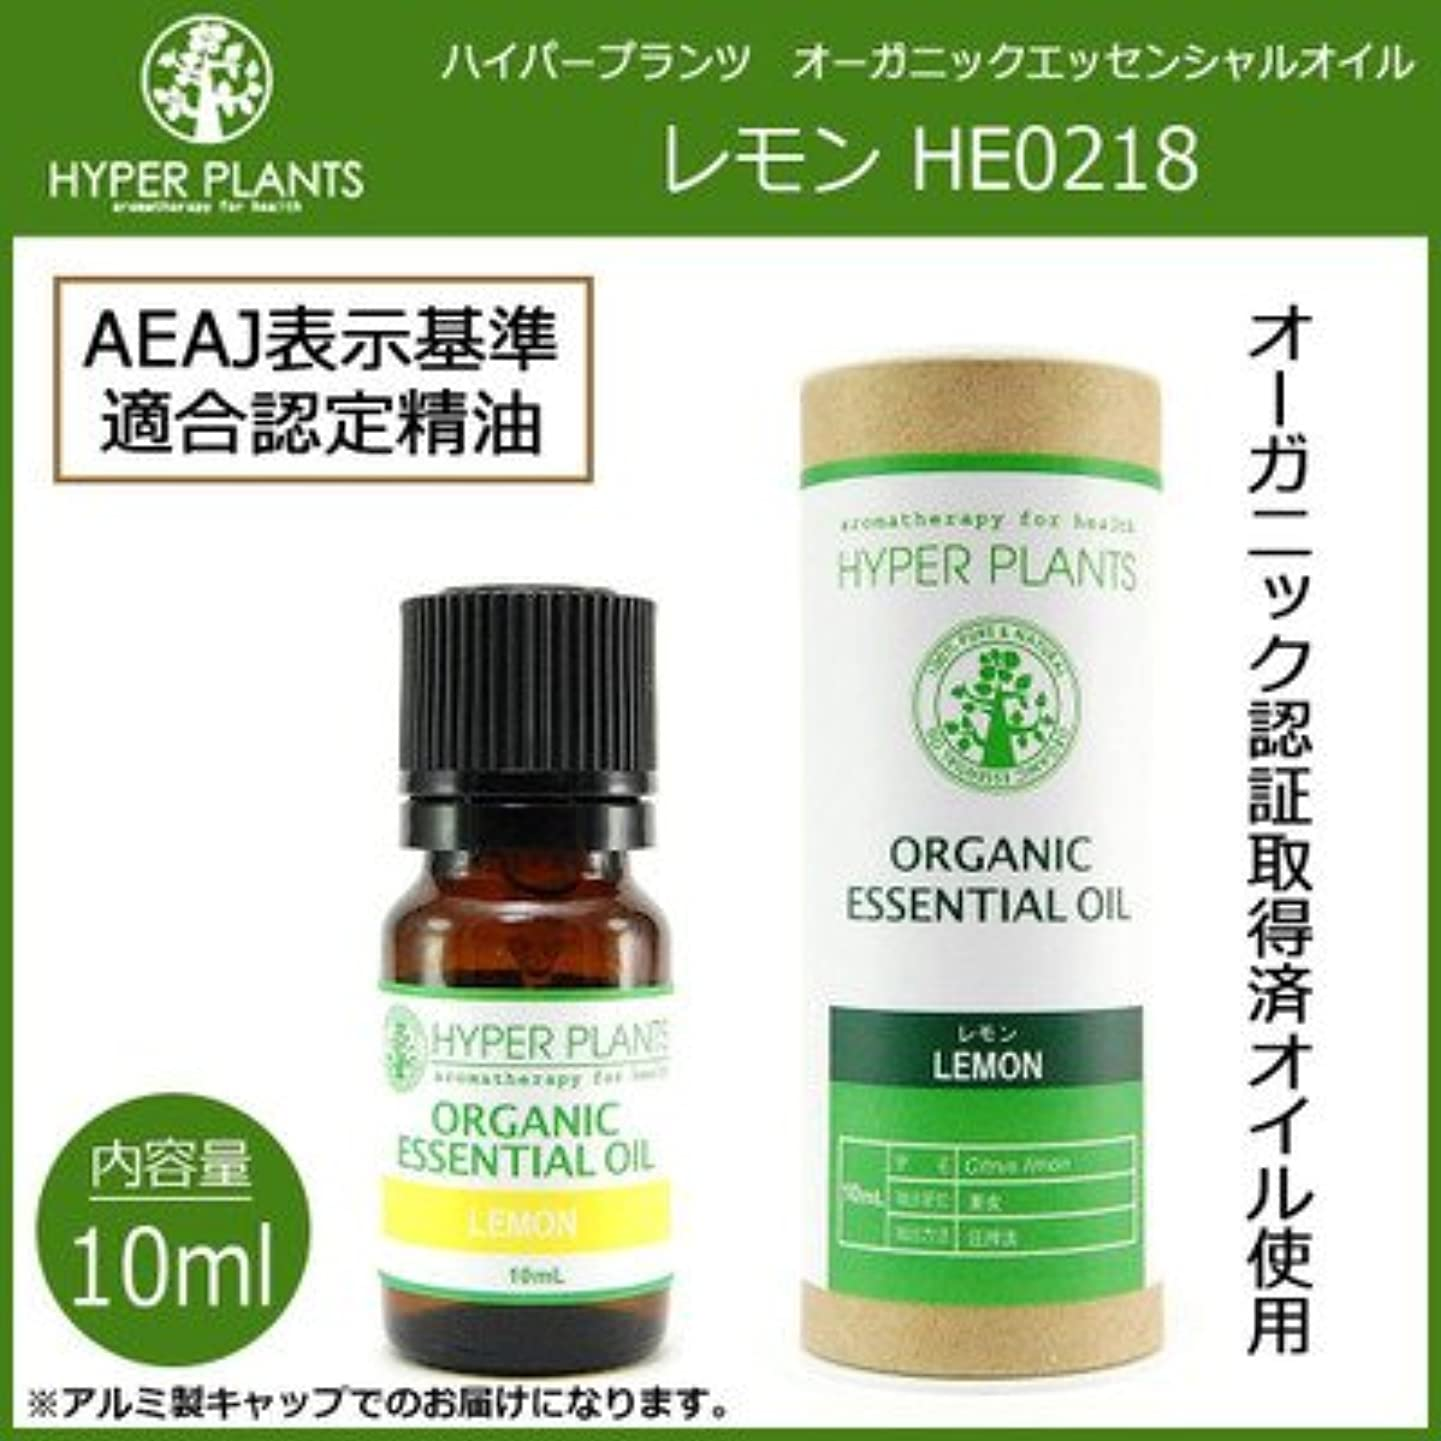 ハードリング瀬戸際シロクマ毎日の生活にアロマの香りを HYPER PLANTS ハイパープランツ オーガニックエッセンシャルオイル レモン 10ml HE0218